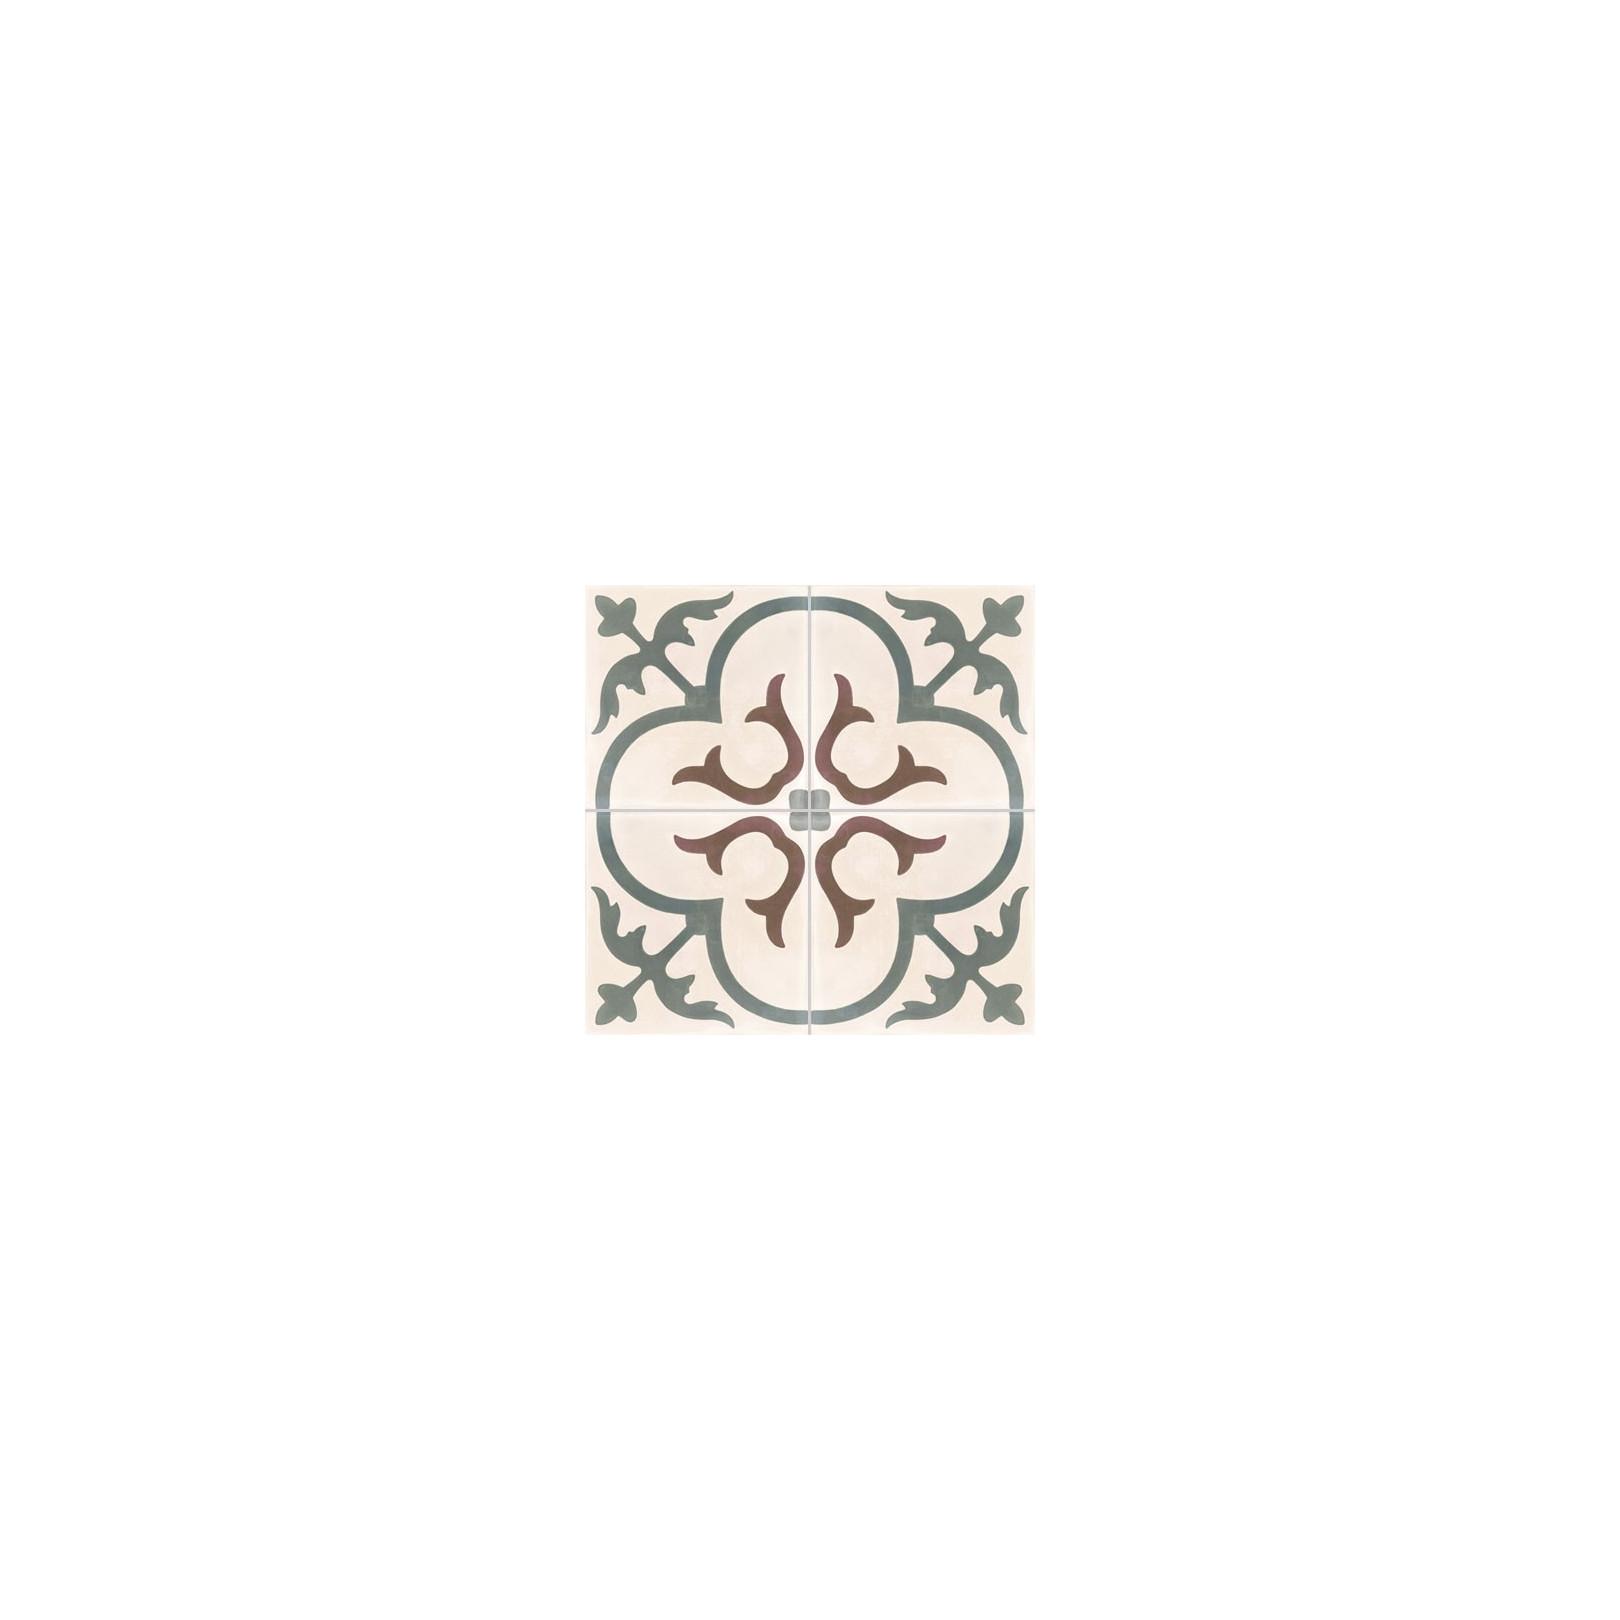 Carreau de ciment coloré motif 4 carreaux crème, gris moyen et marron T31 07.32.35